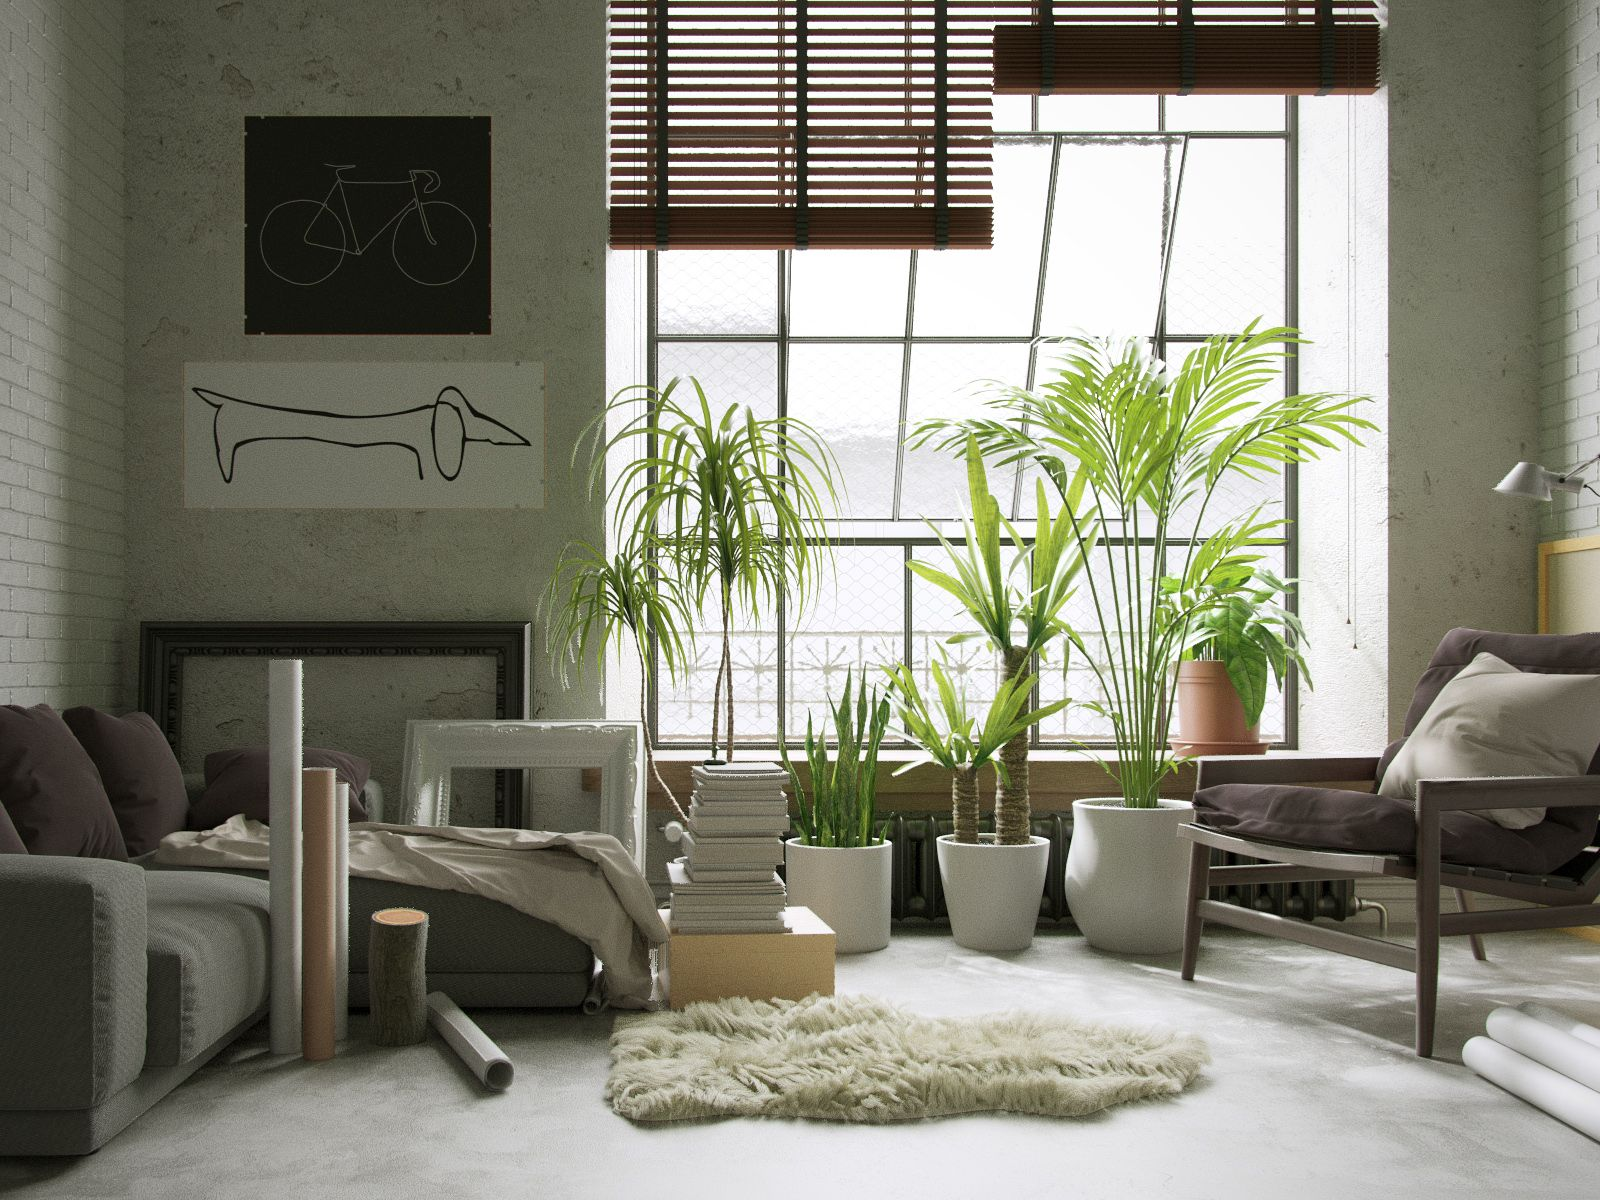 Brooklyn Interior by Lechu httpwwwblendernationcom20160626brooklyn interior lechu